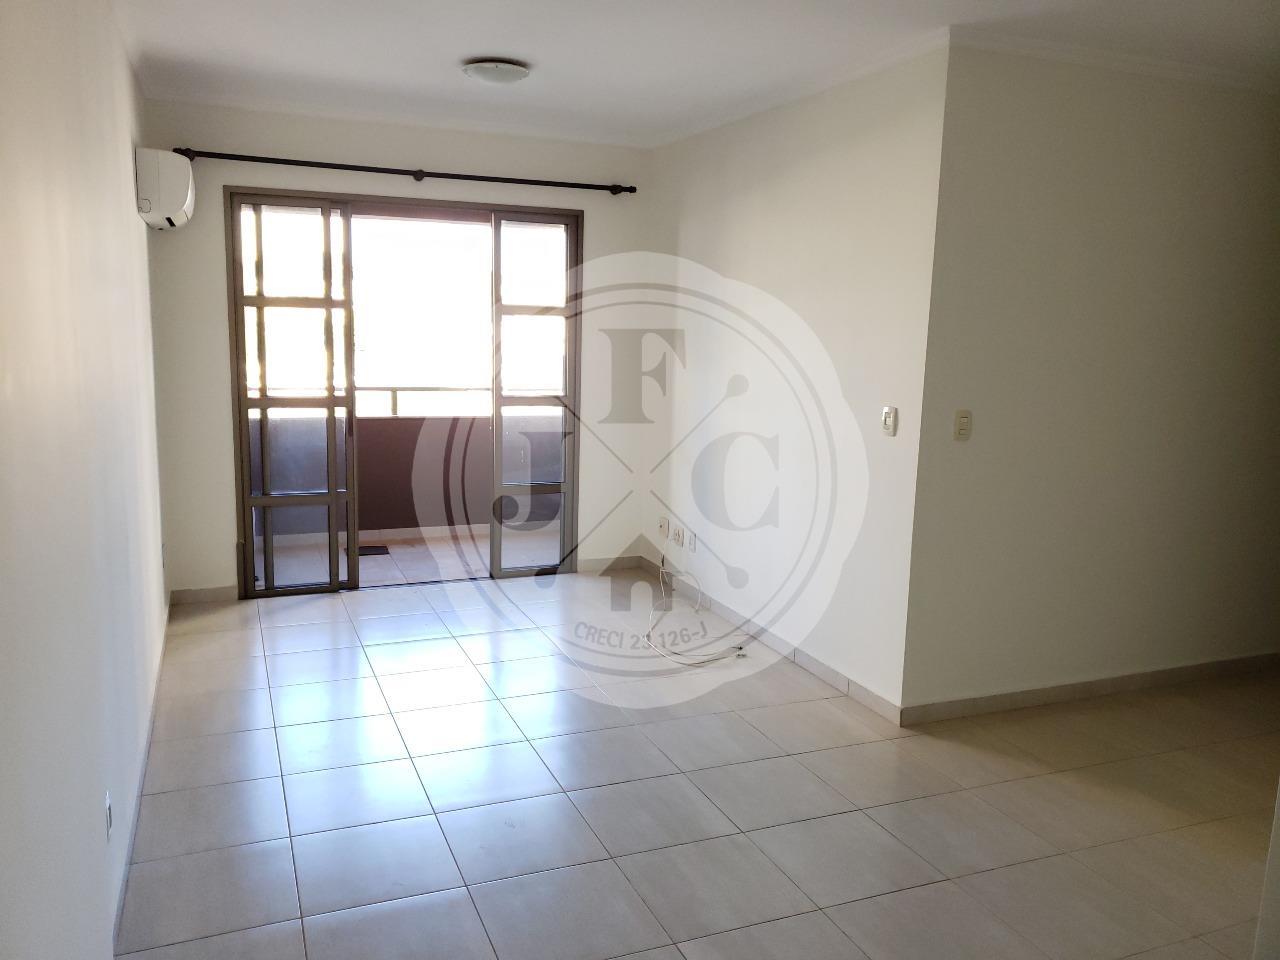 Apartamento 3 dormitórios para locação com 107m² de área privativa no Santa Cruz do José Jacques.